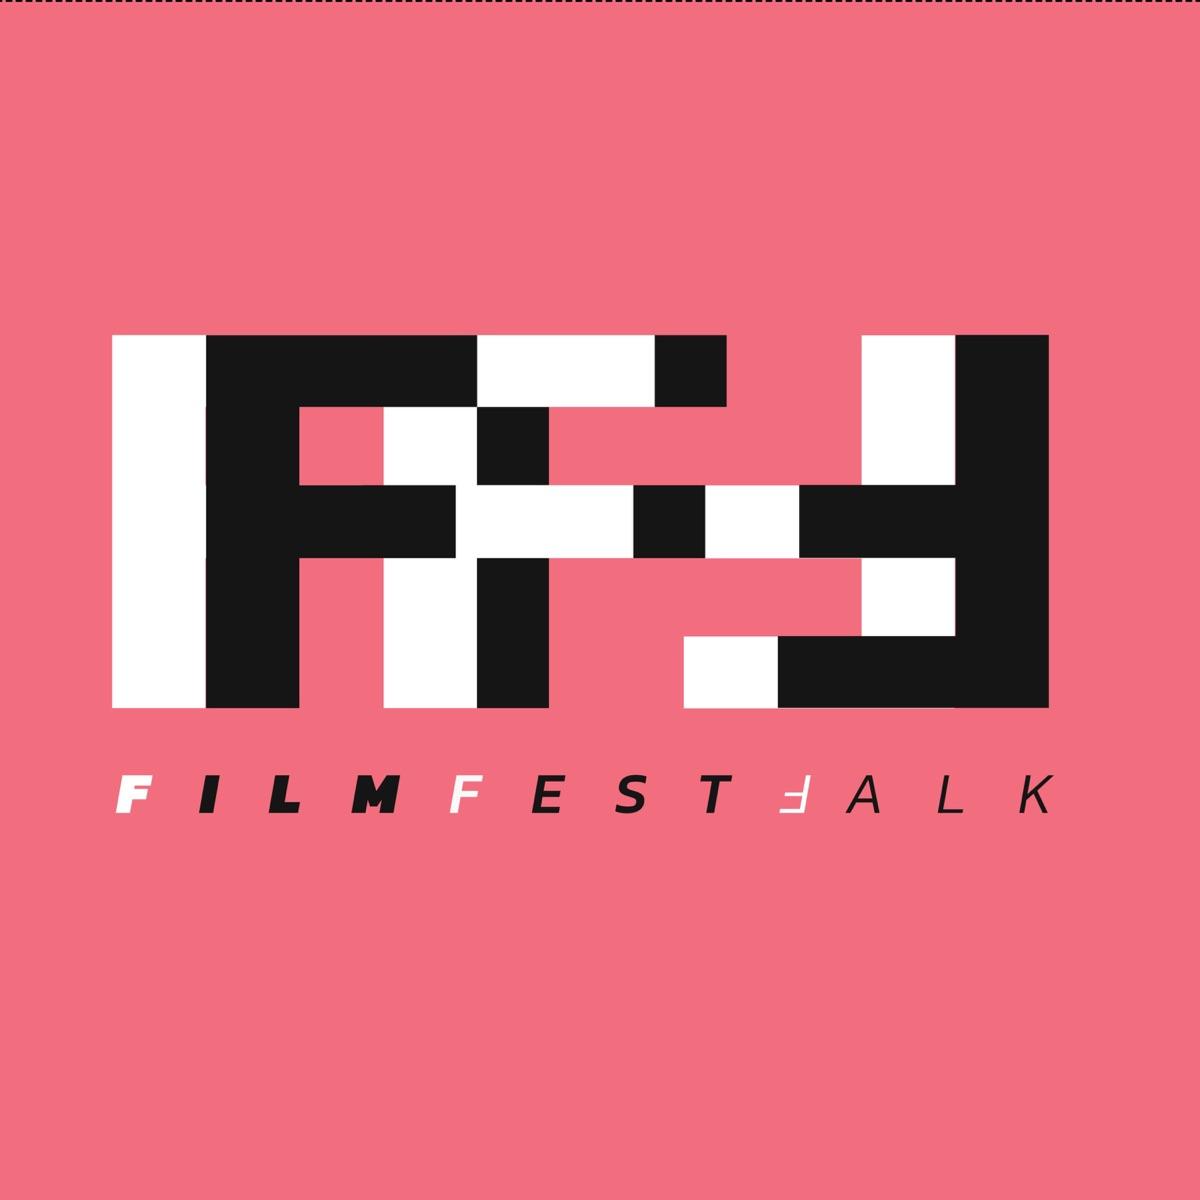 FilmFestTalk